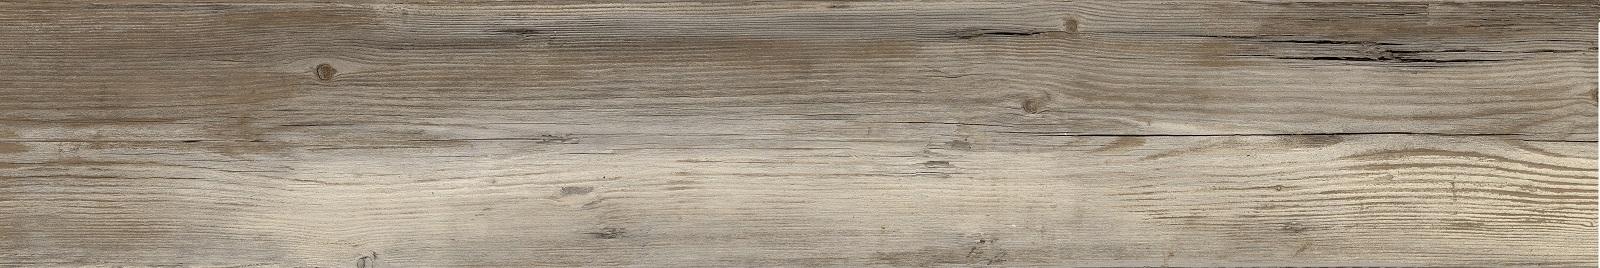 Плитка Legno Bruno (zzxlv6r) изображение 4